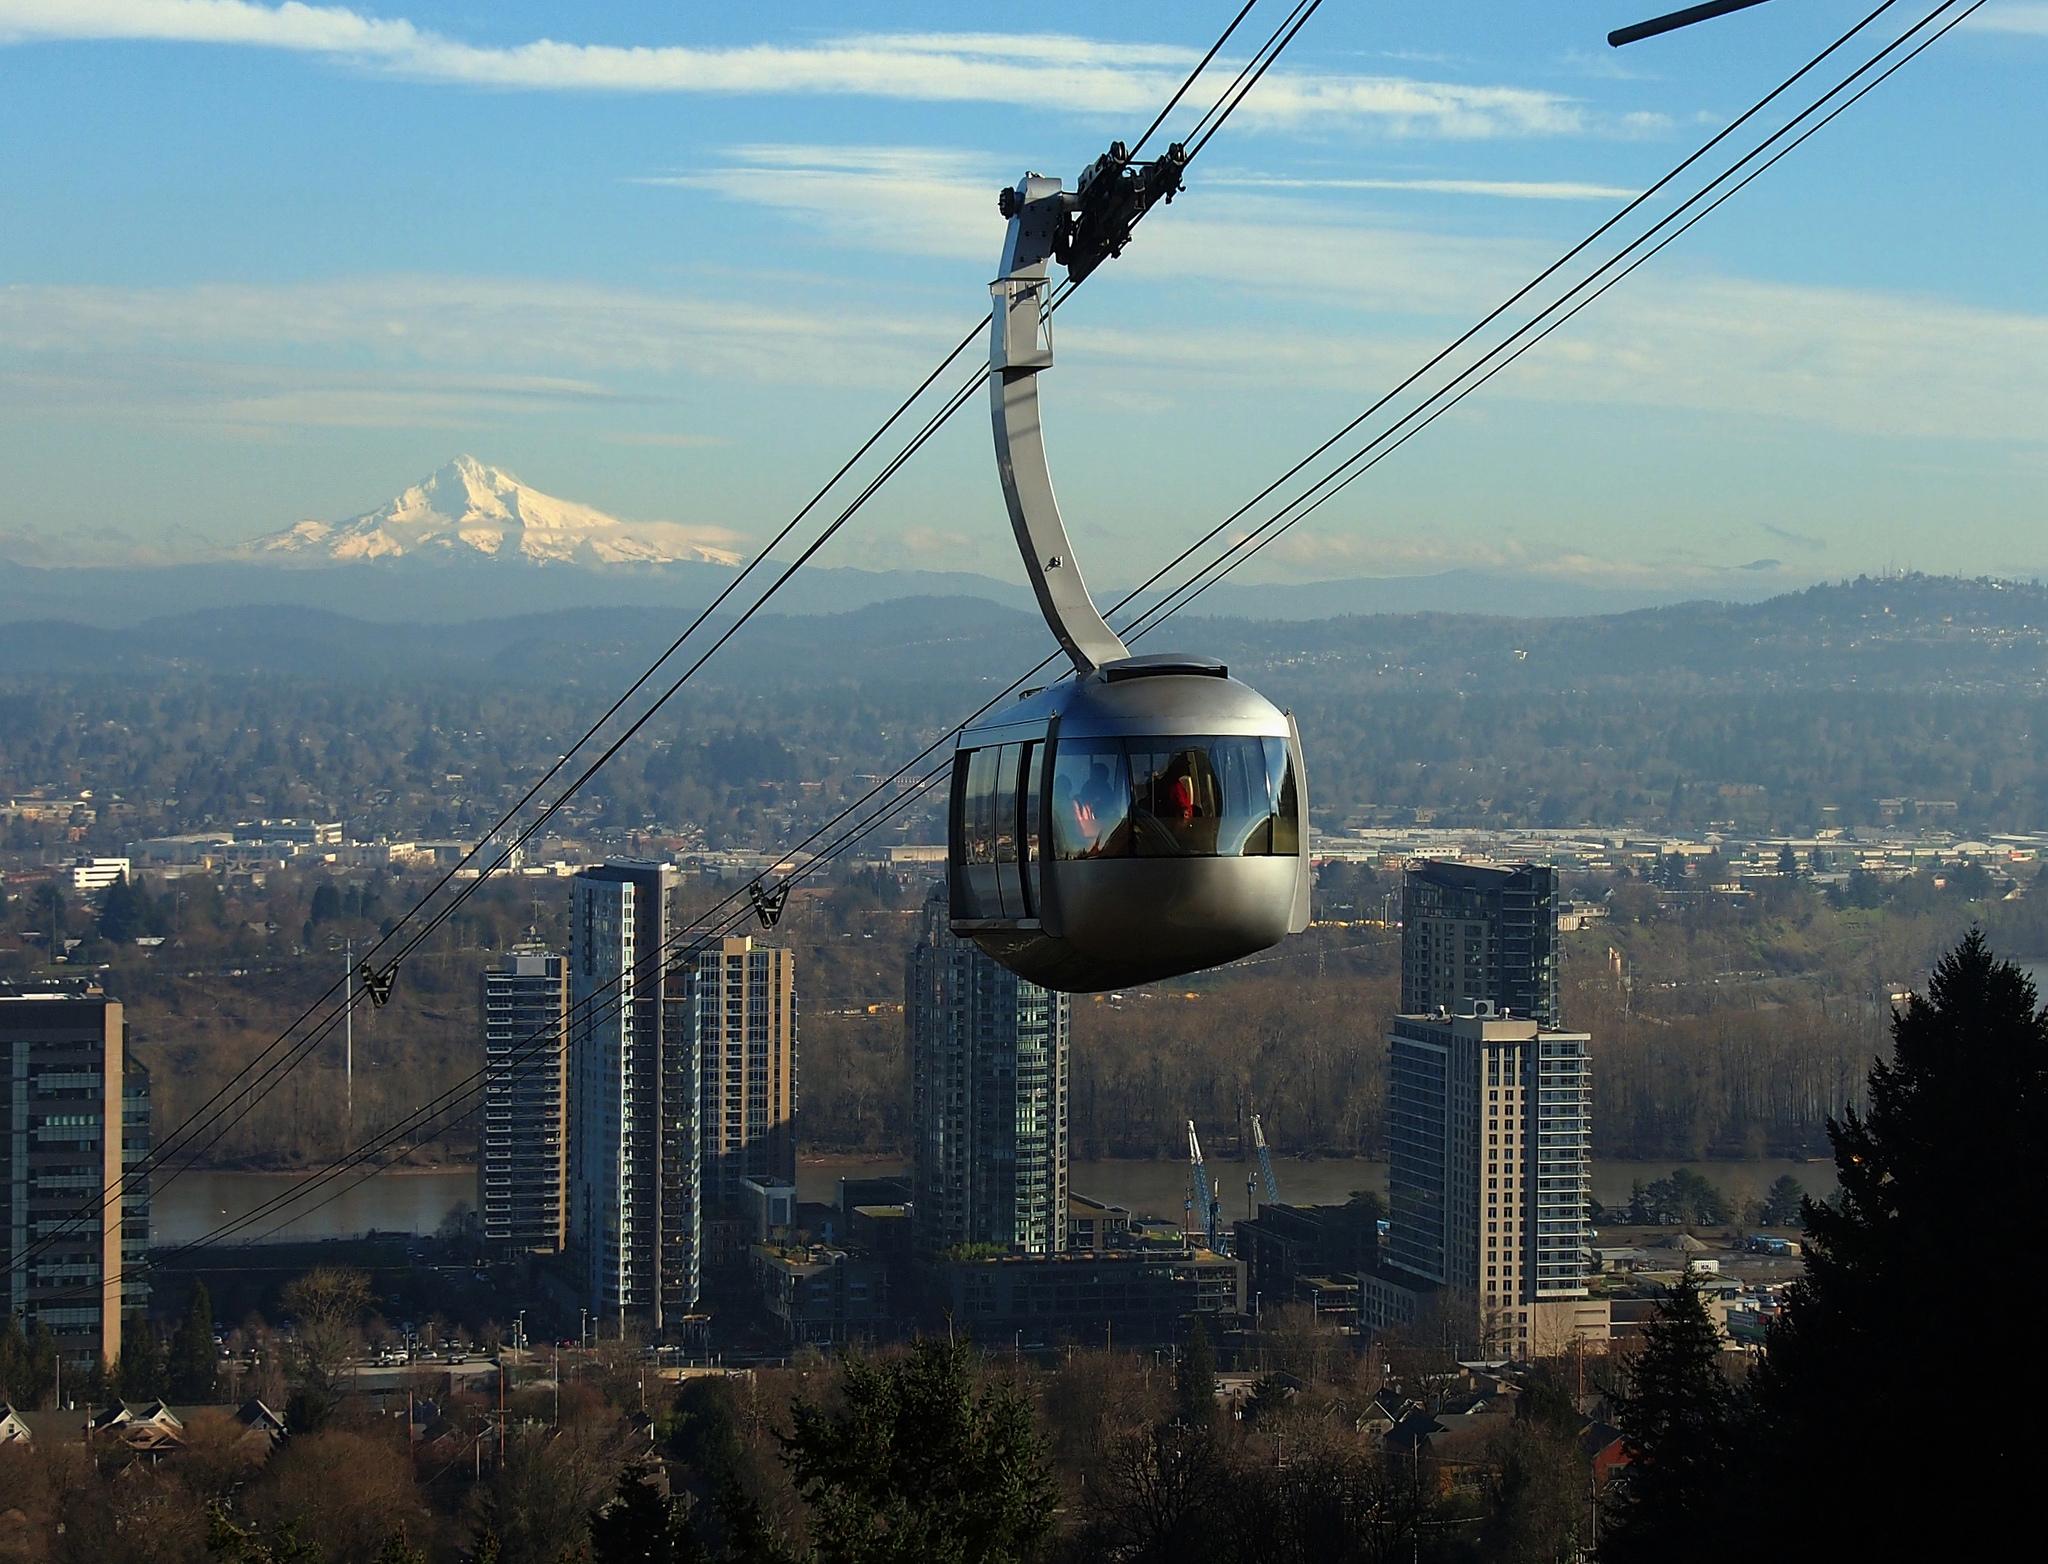 PortlandAerial.jpg